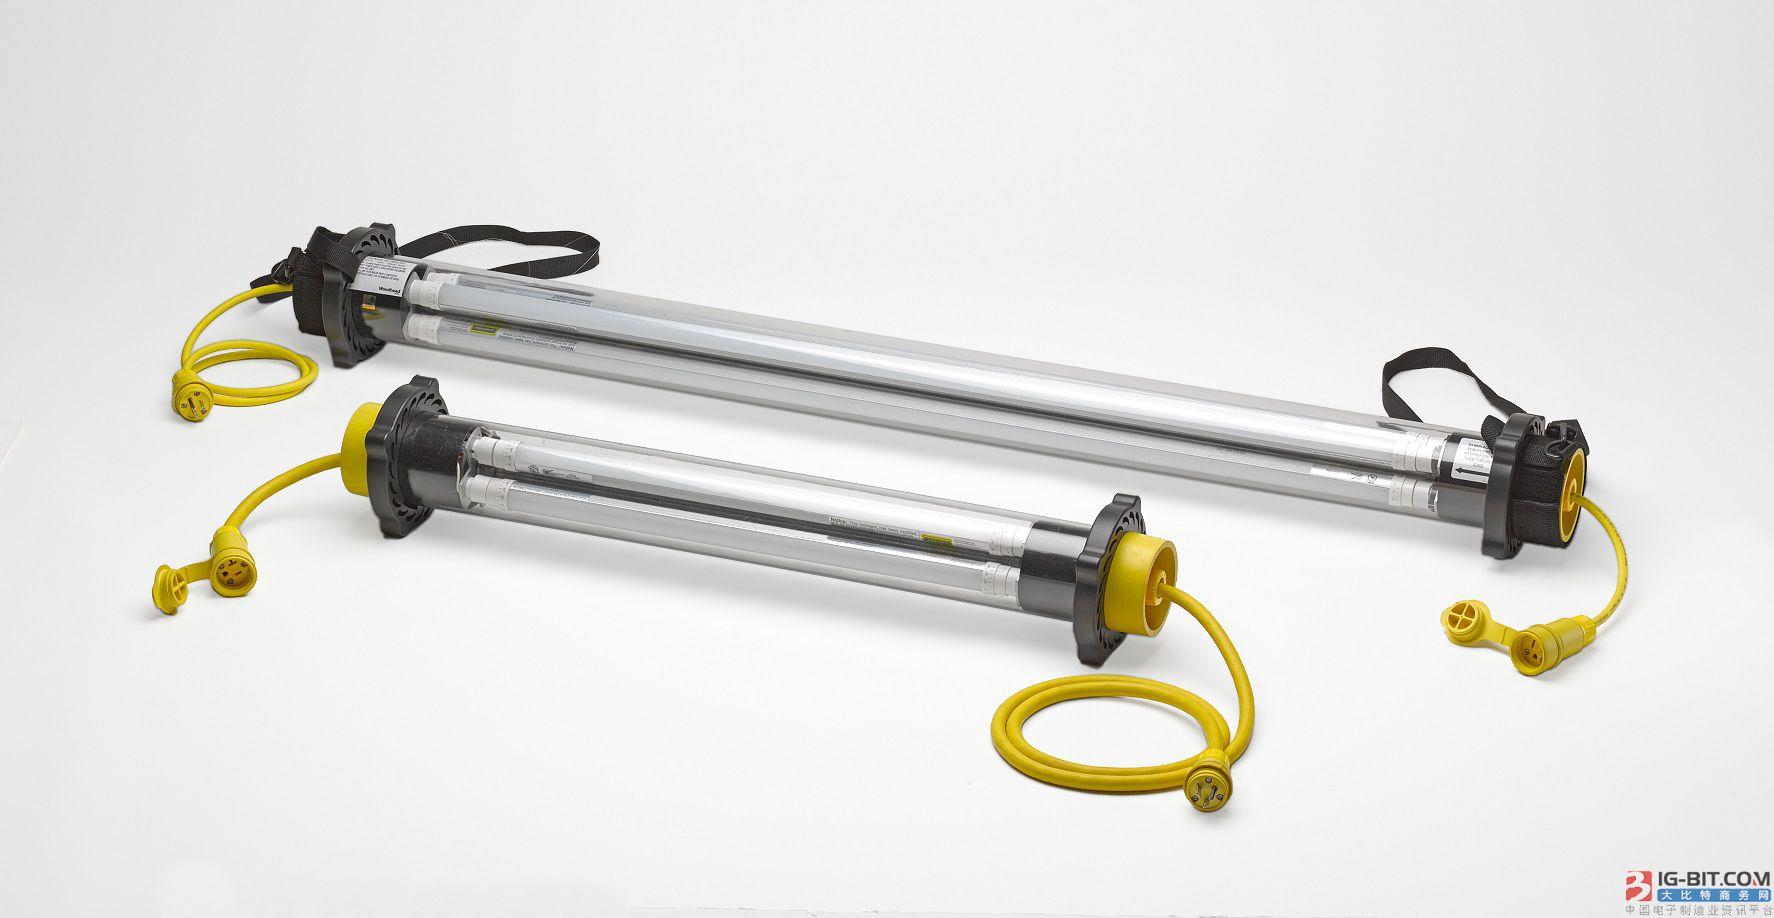 Molex 推出Woodhead® LED筒灯